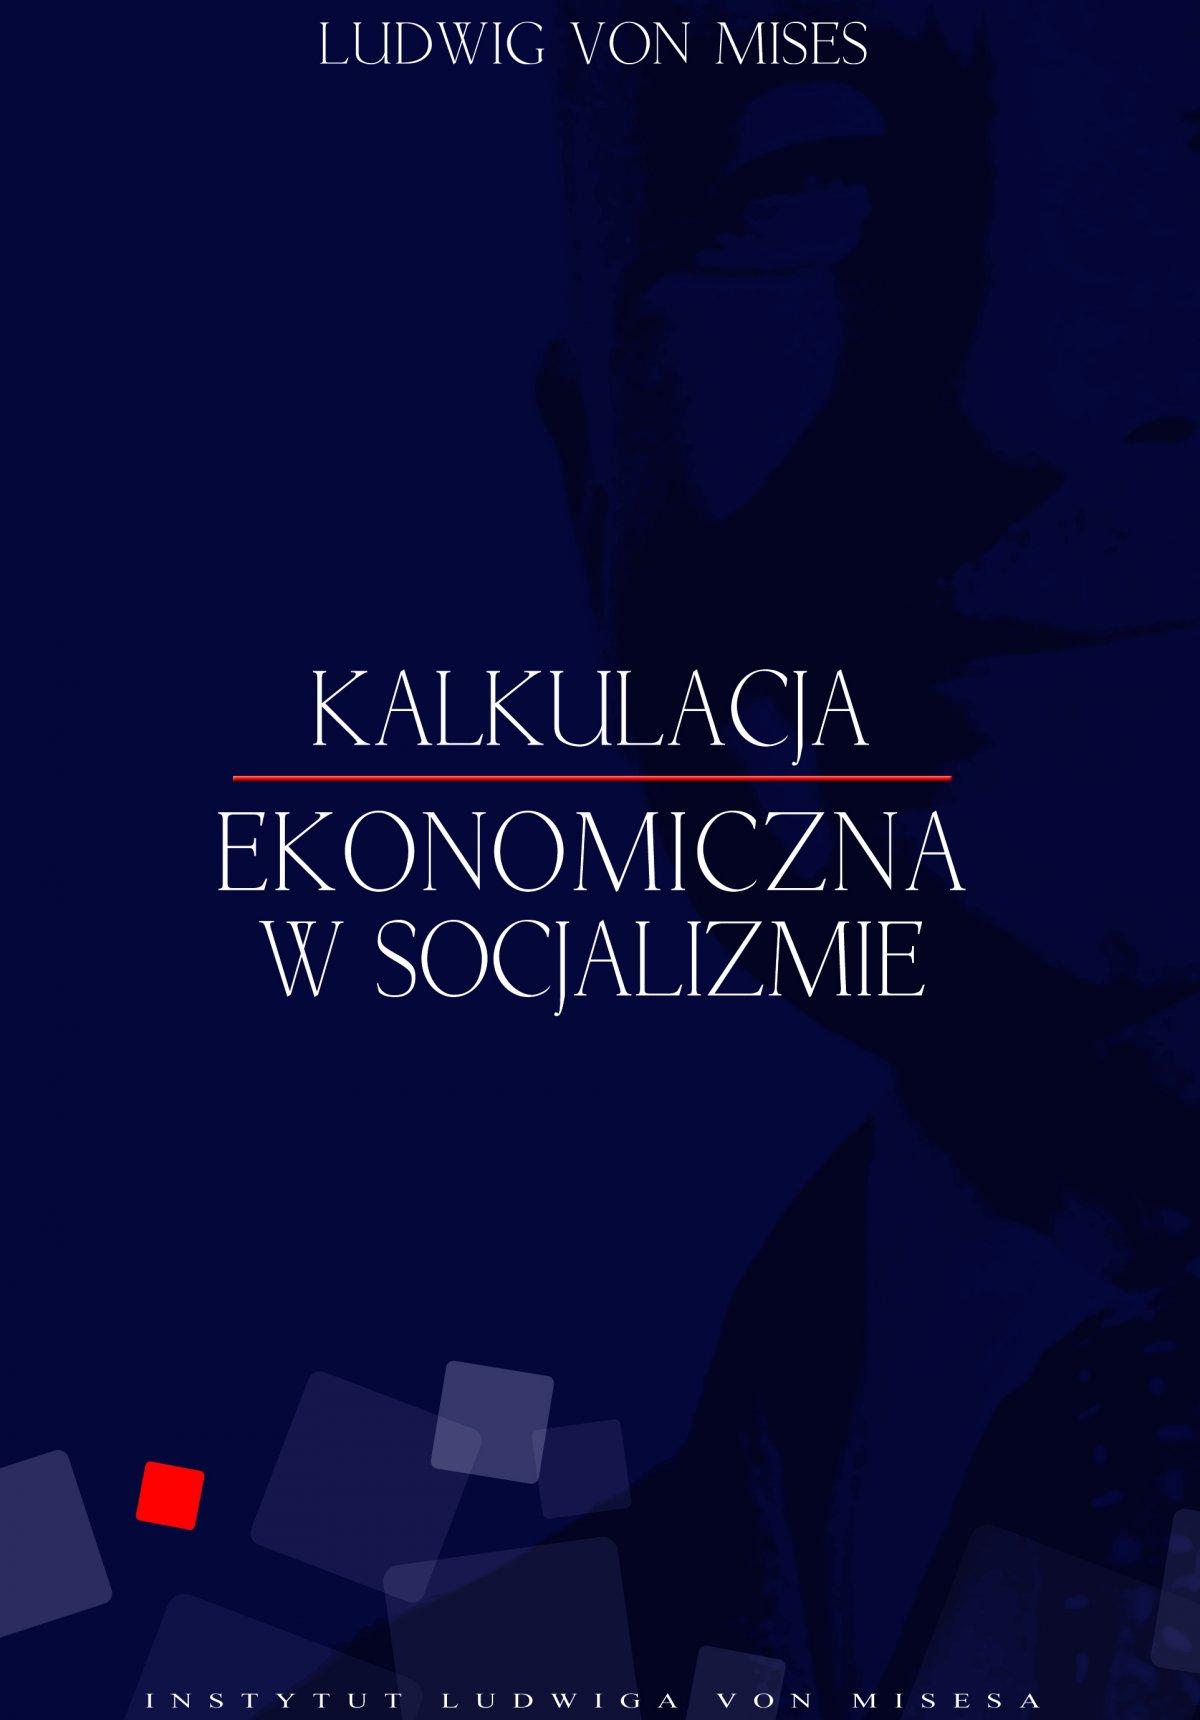 Kalkulacje ekonomiczna w socjalizmie - Ebook (Książka na Kindle) do pobrania w formacie MOBI